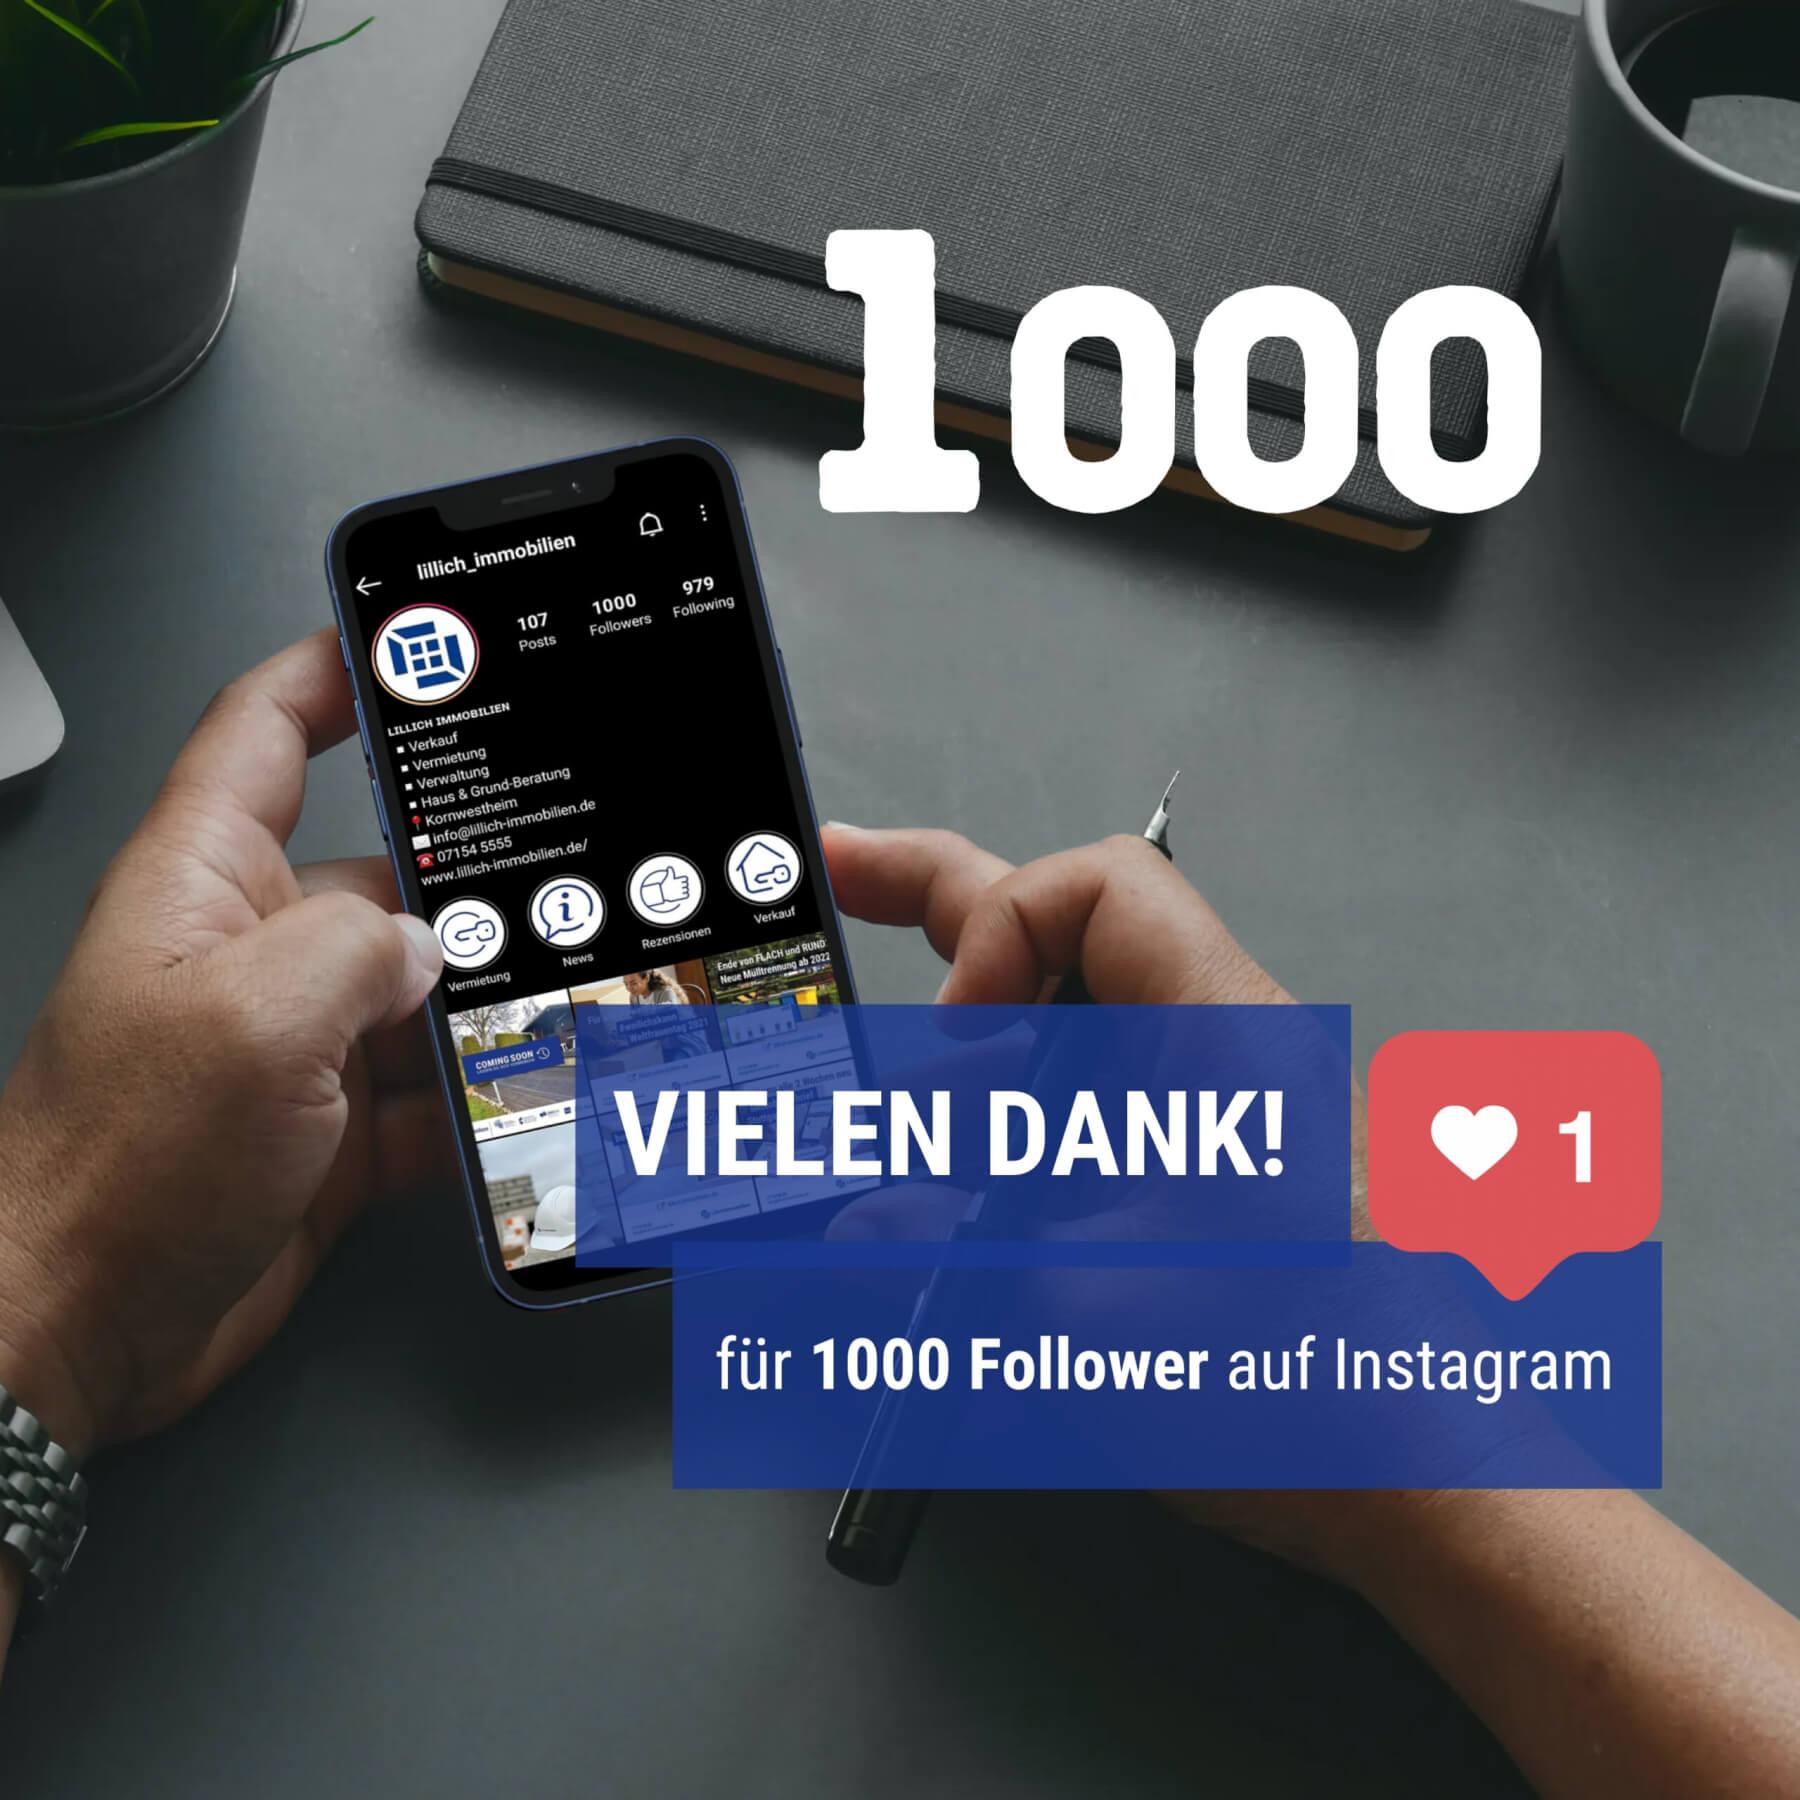 Vielen Dank für 1000 Follower auf Instagram